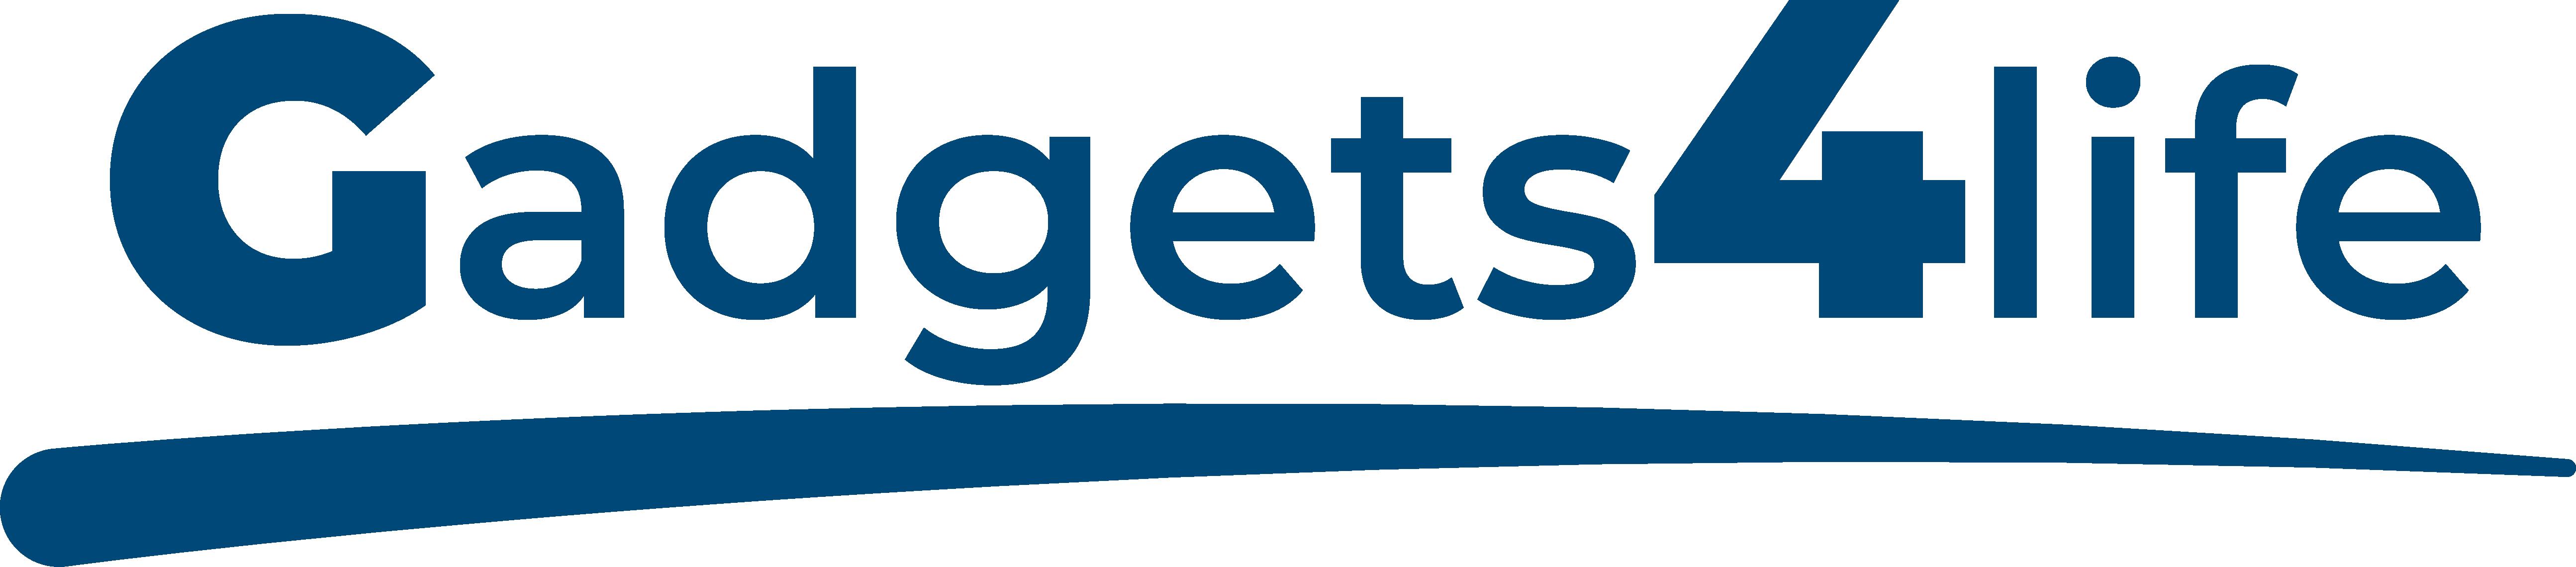 Gadgets4life